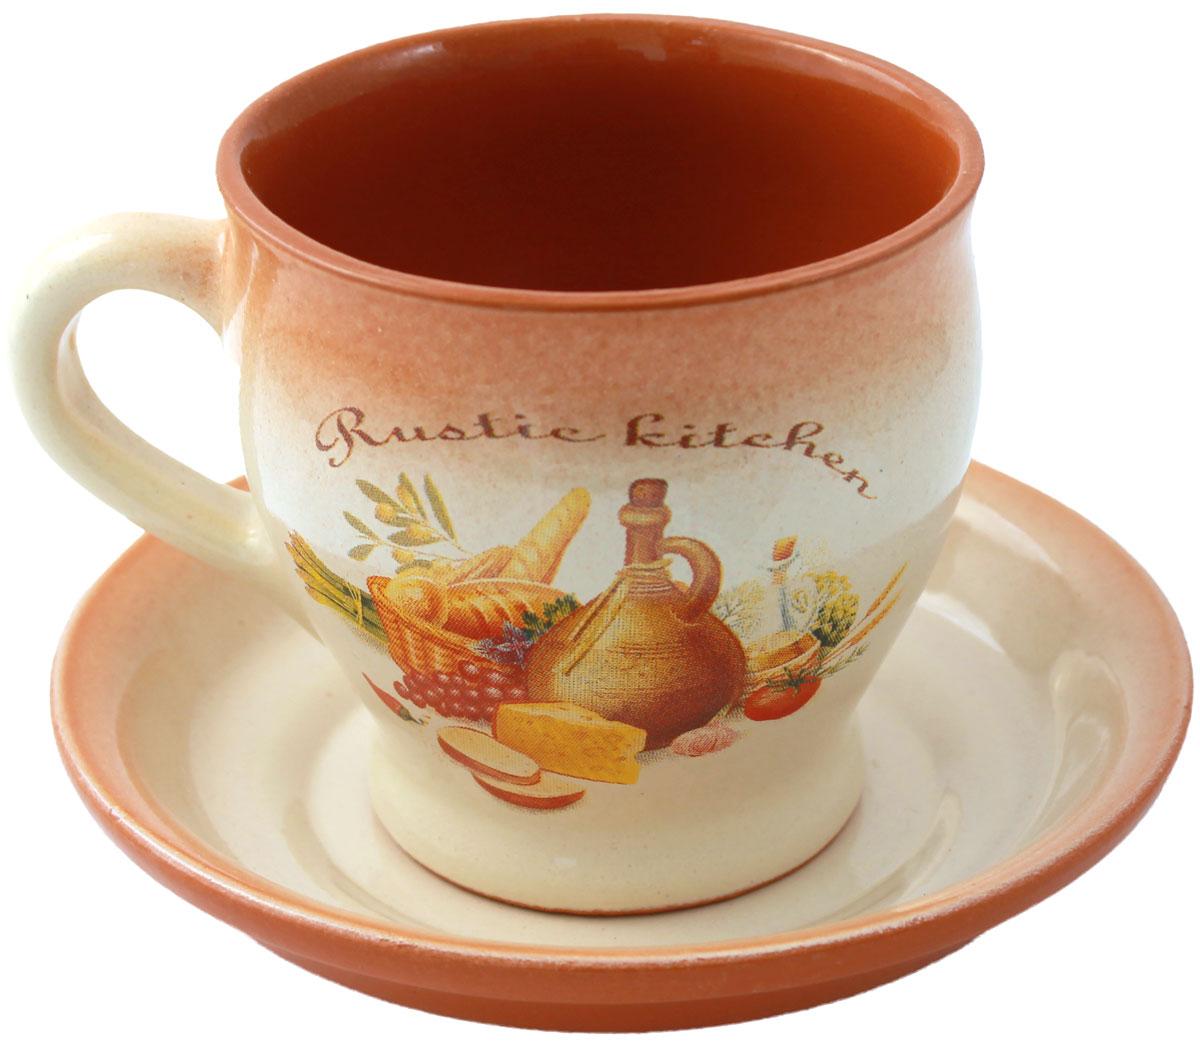 Чайная пара Ломоносовская керамика, 300 мл2РДЧ-1Чайная пара Ломоносовская керамика состоит из чашки и блюдца. Изделия,выполненные из высококачественной глины с глазурованнымпокрытием, имеют элегантный дизайн.Такая чайная пара прекрасно подойдет как для повседневного использования,таки для праздников. Объем чашки: 300 мл.